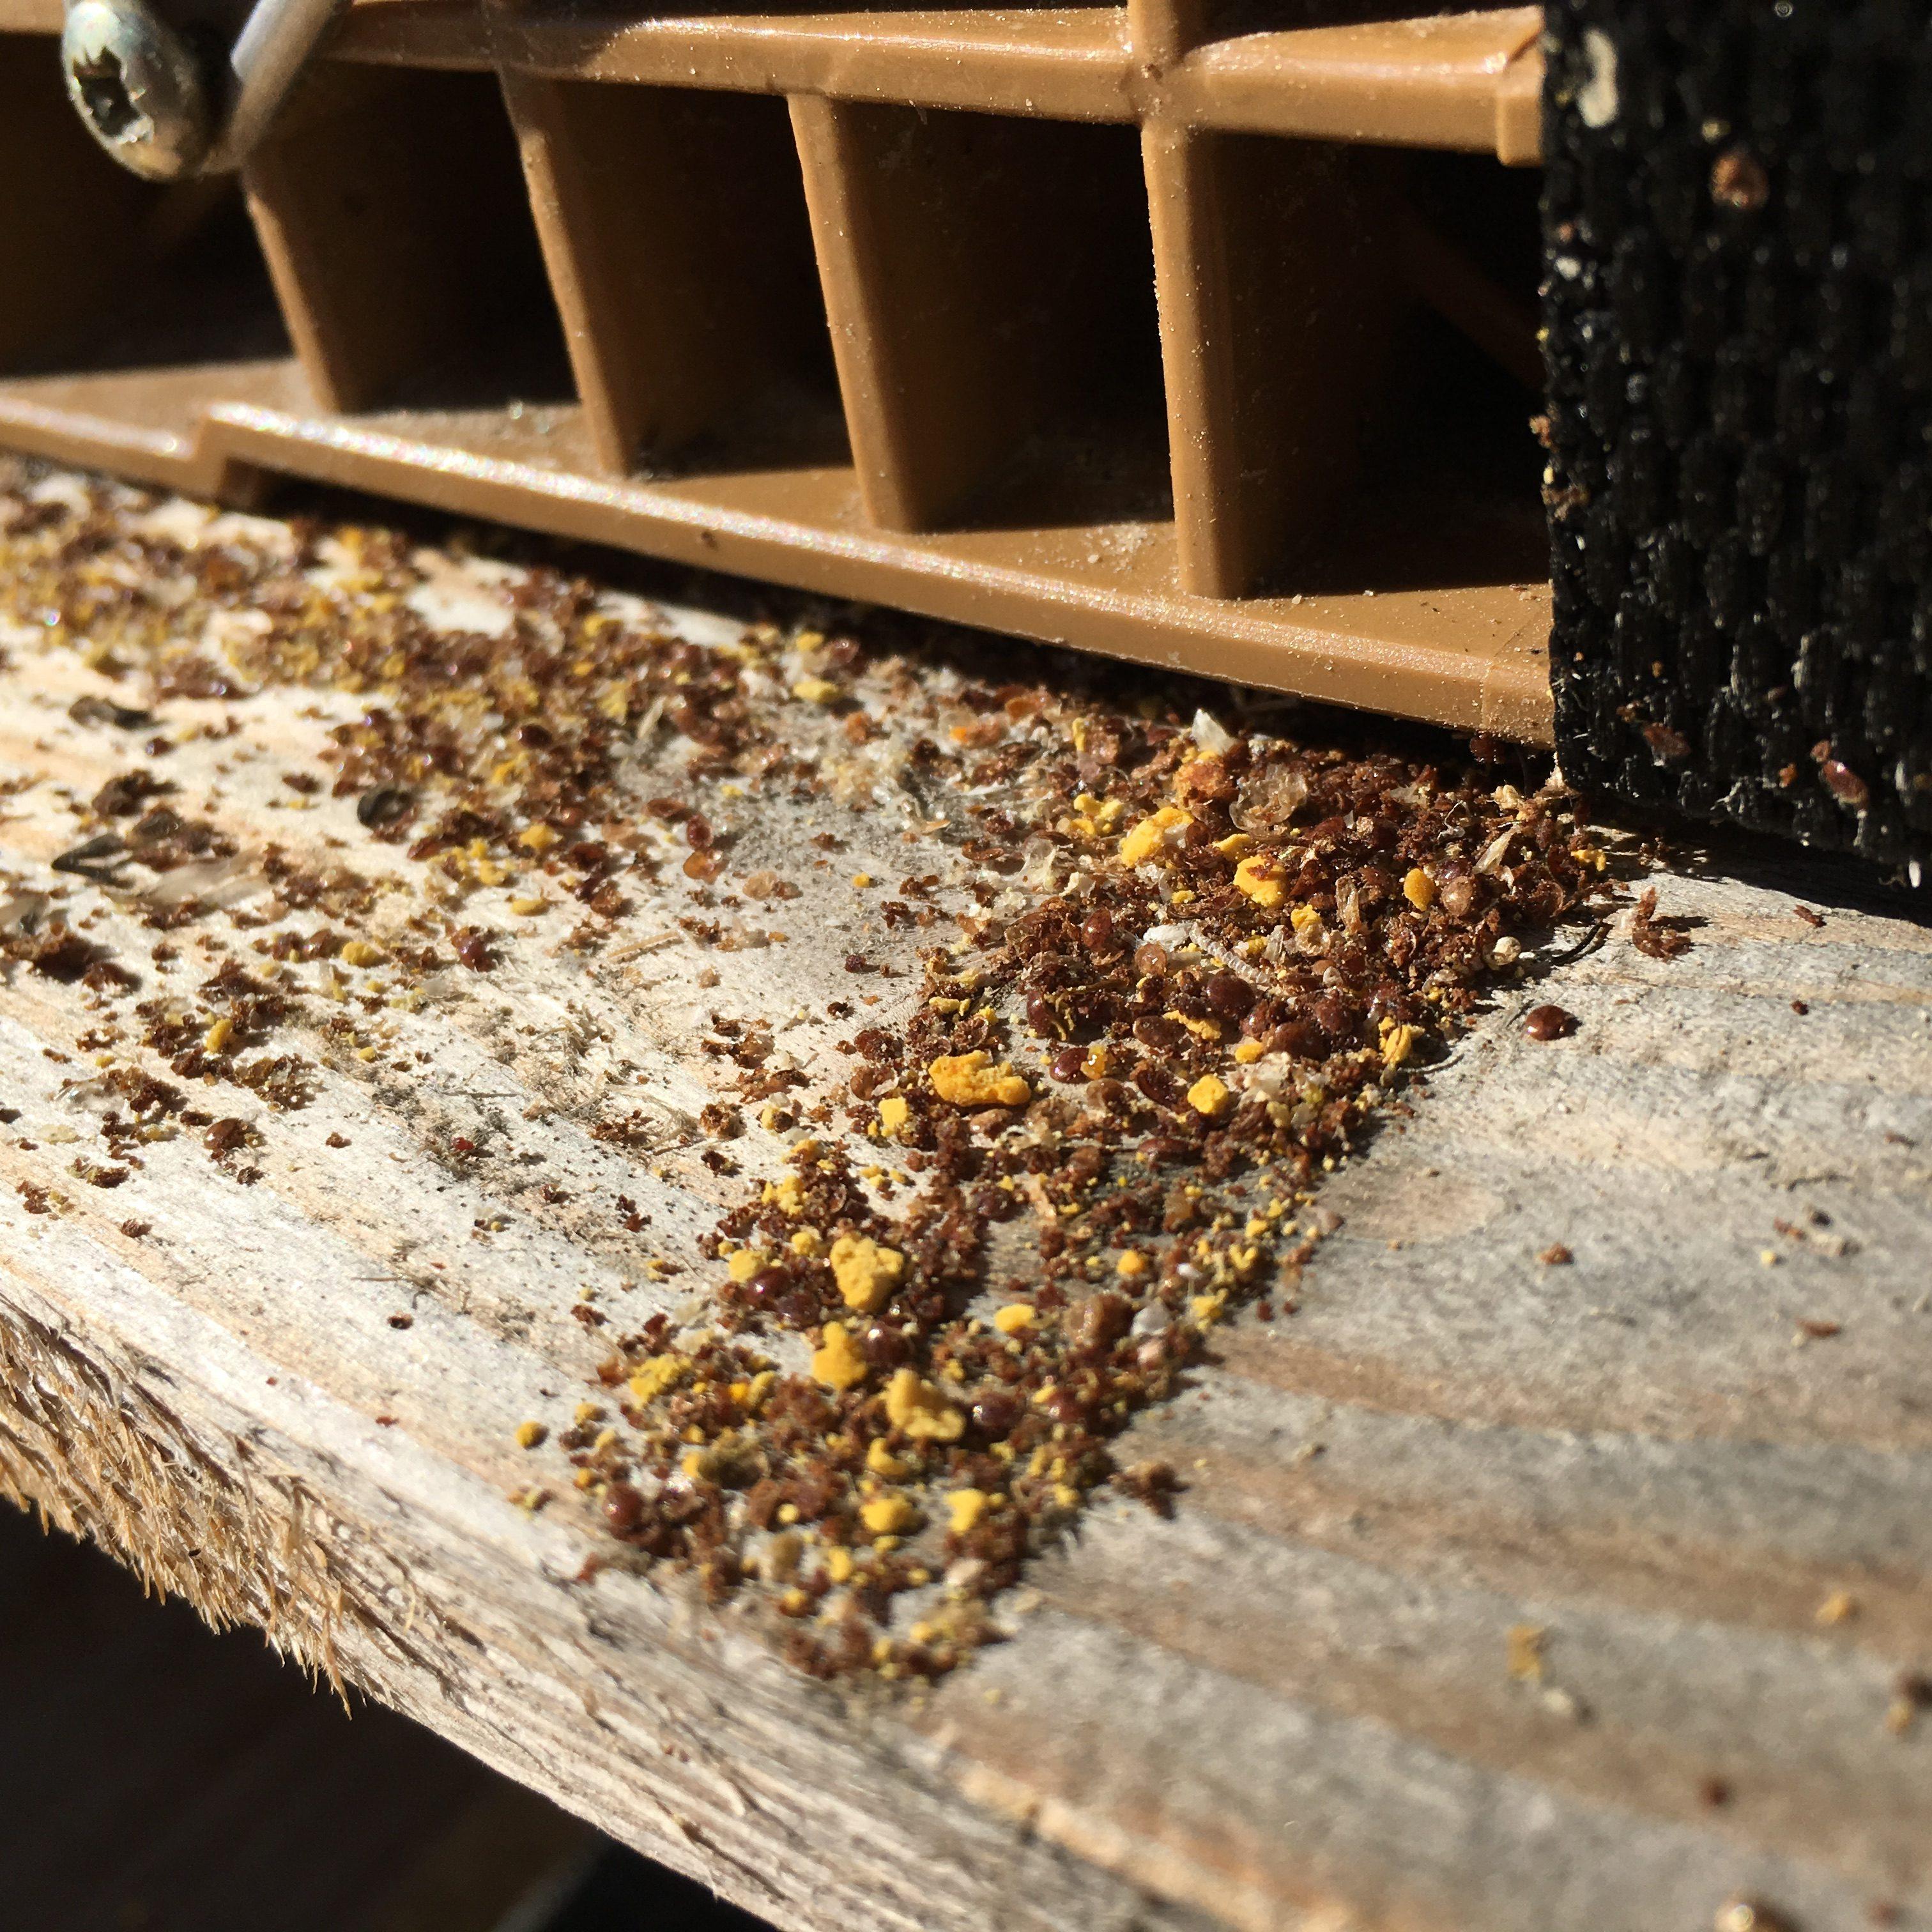 Traitement pour lutter contre la varroase